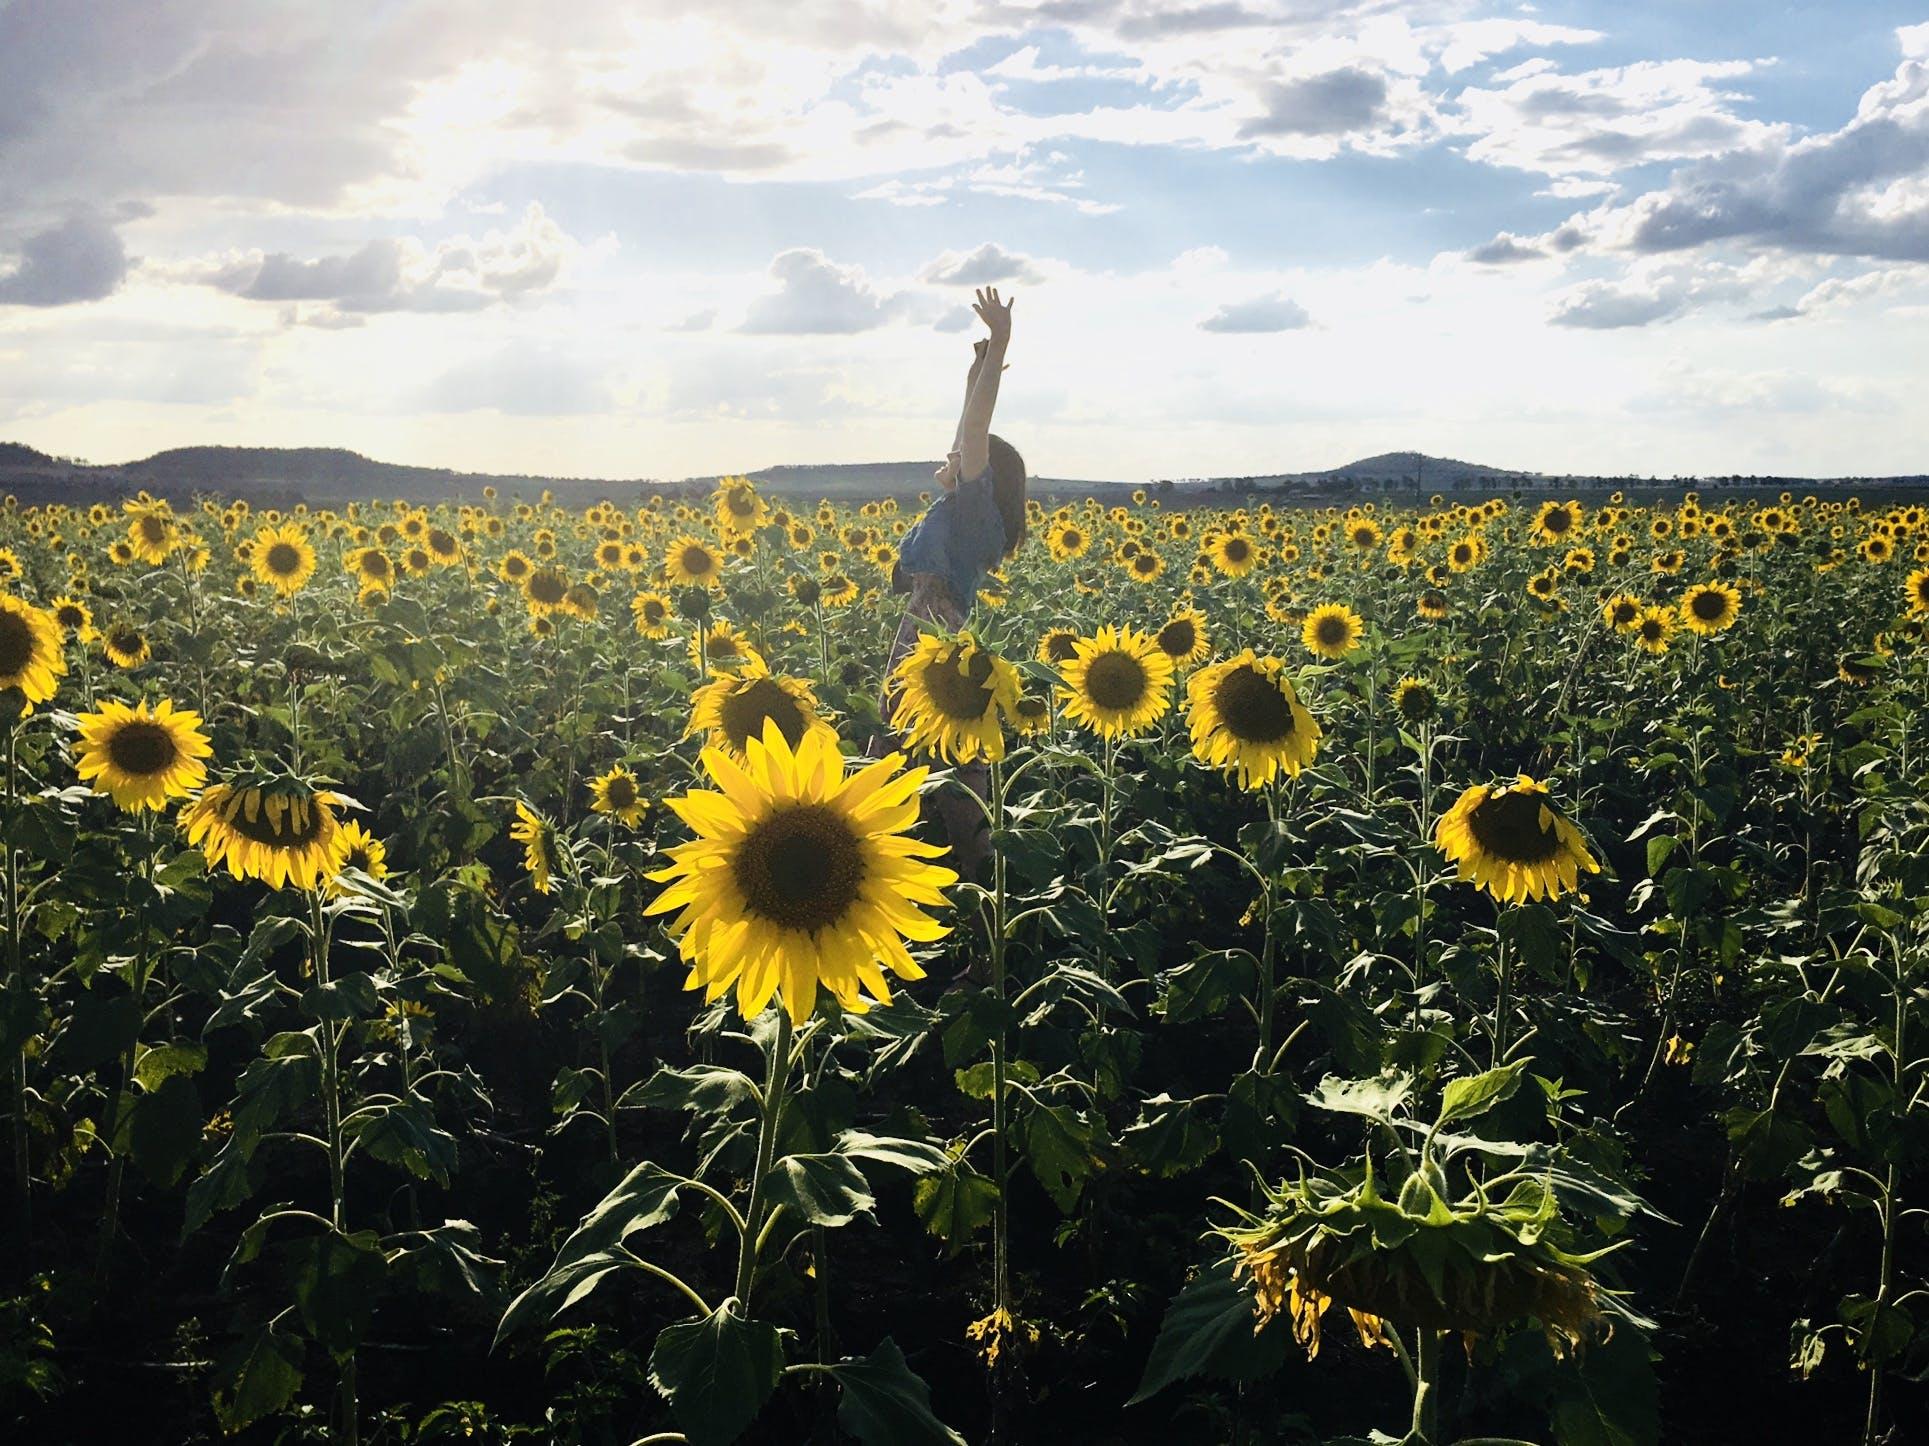 Δωρεάν στοκ φωτογραφιών με αγρόκτημα, ανάπτυξη, άνθρωπος, βουνά